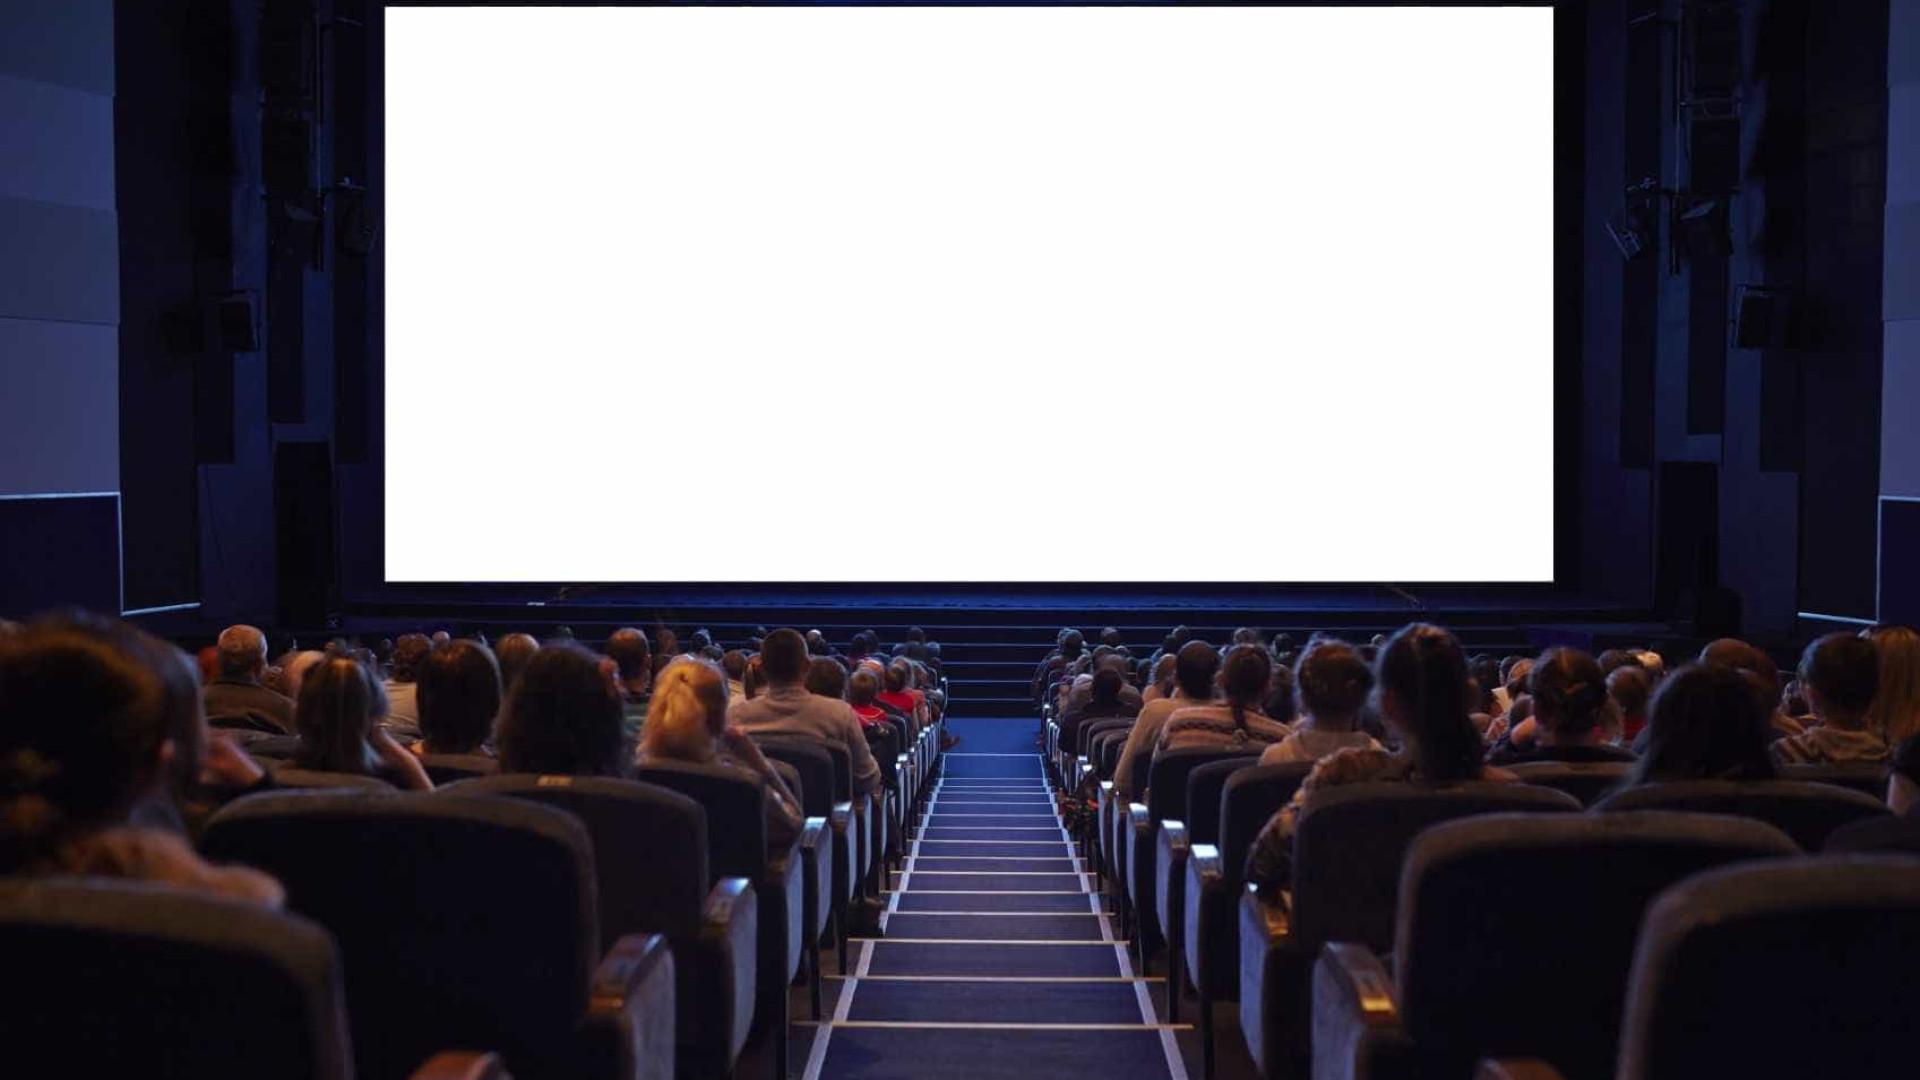 Cinema: Espetadores aumentaram em novembro, total continua abaixo de 2017